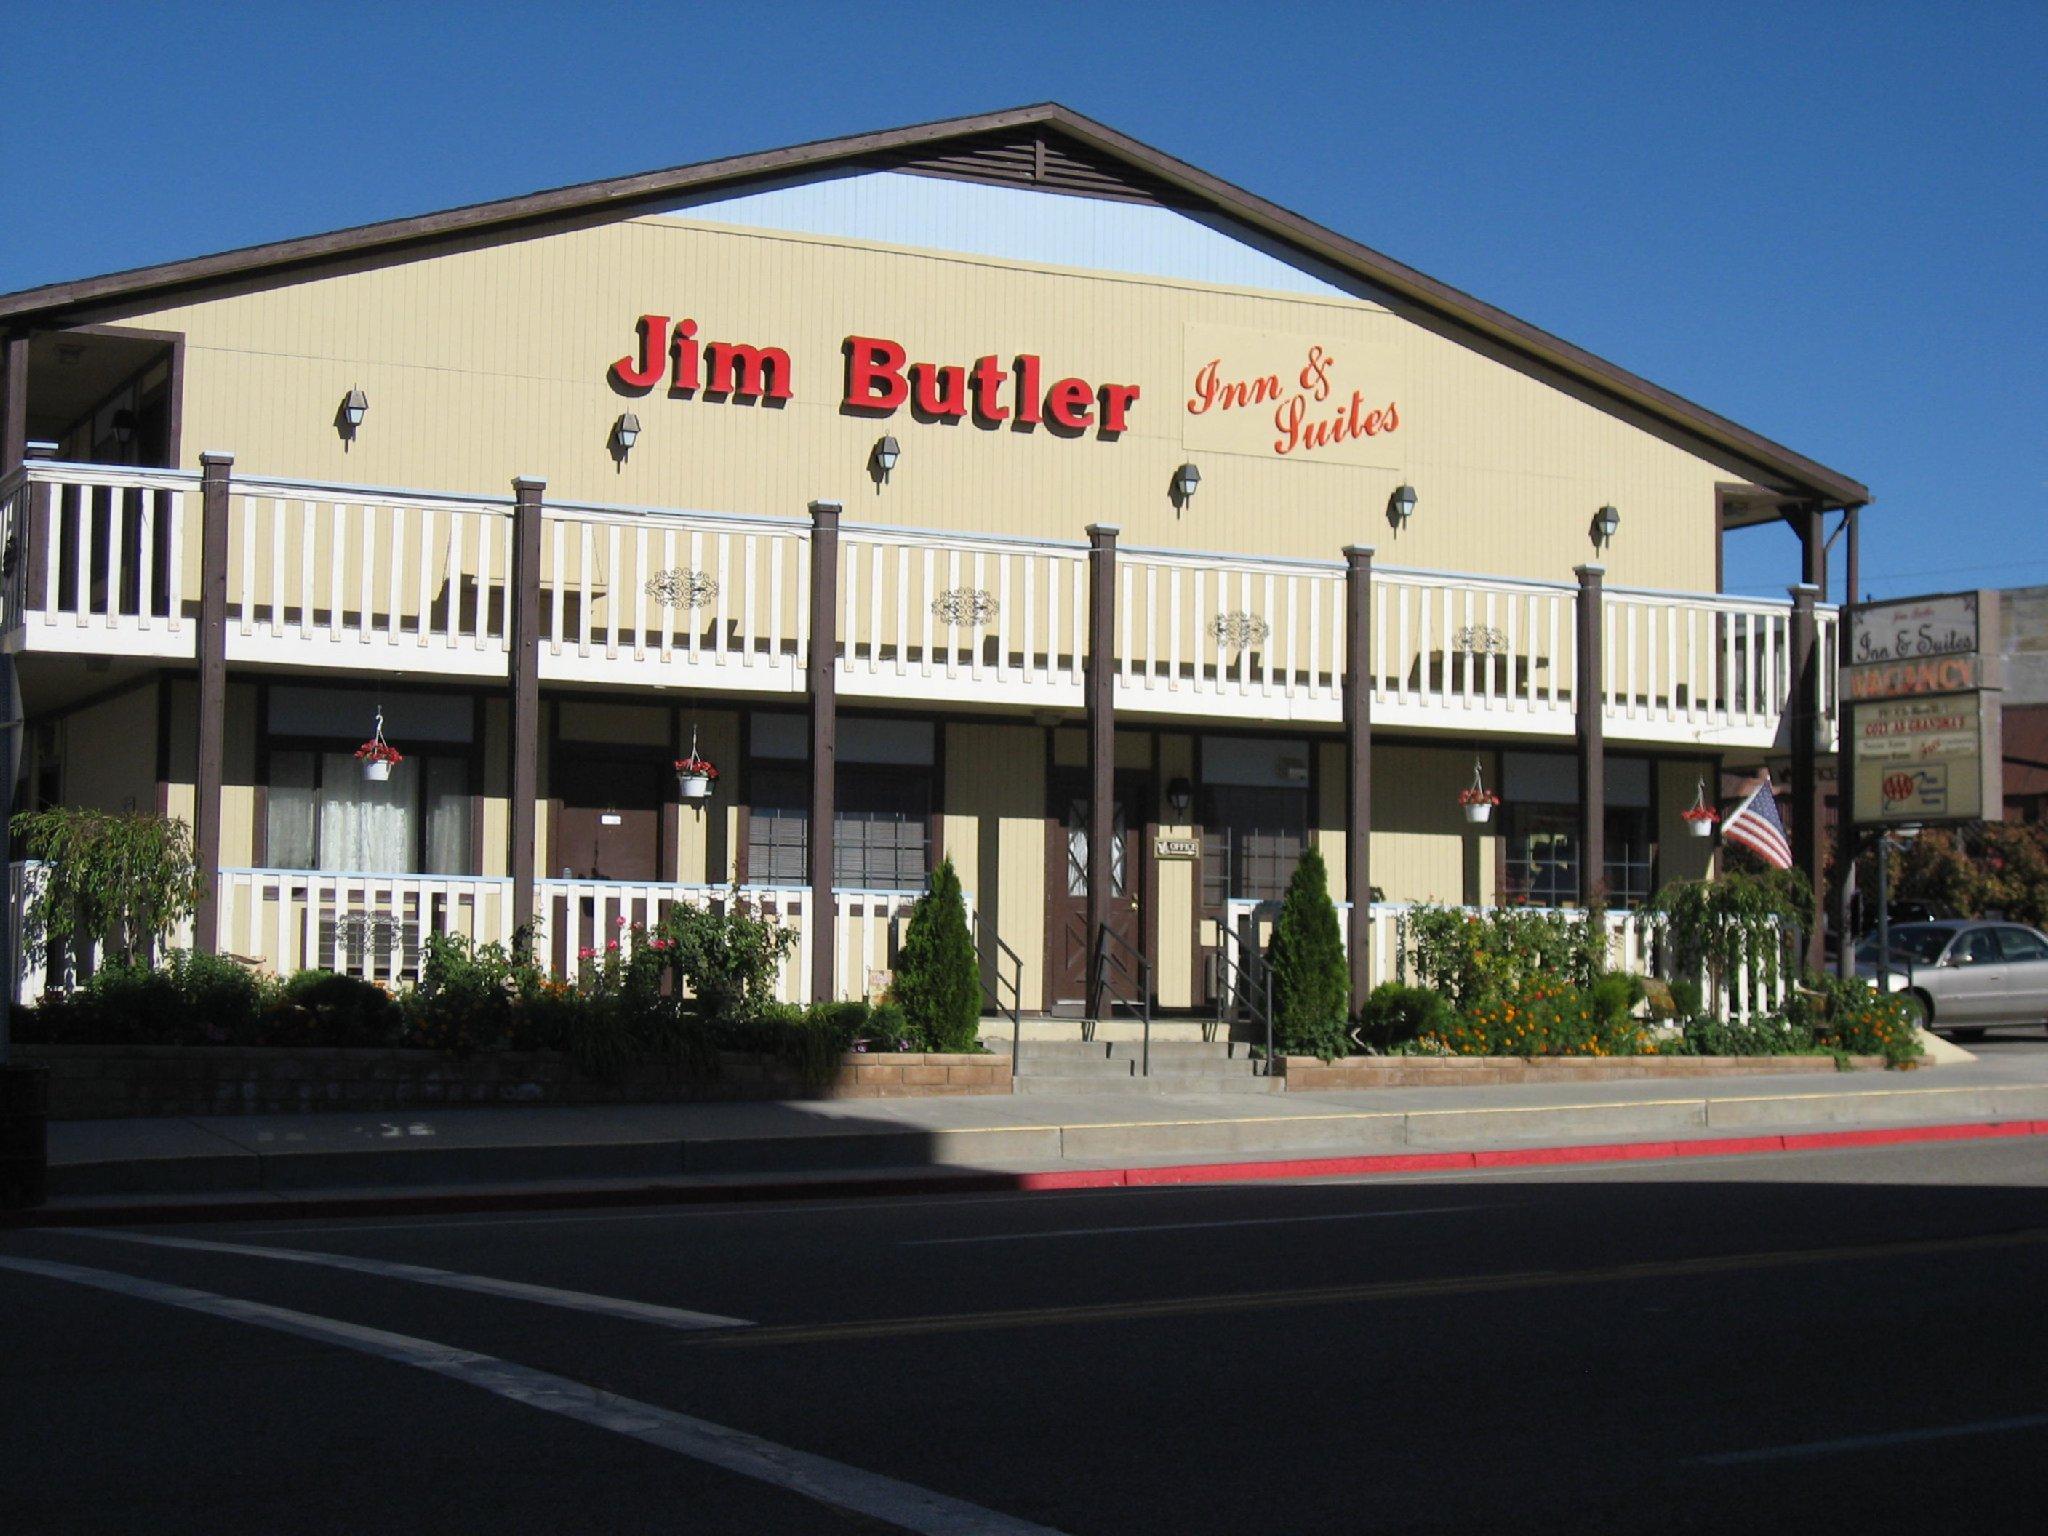 Jim Butler Motel